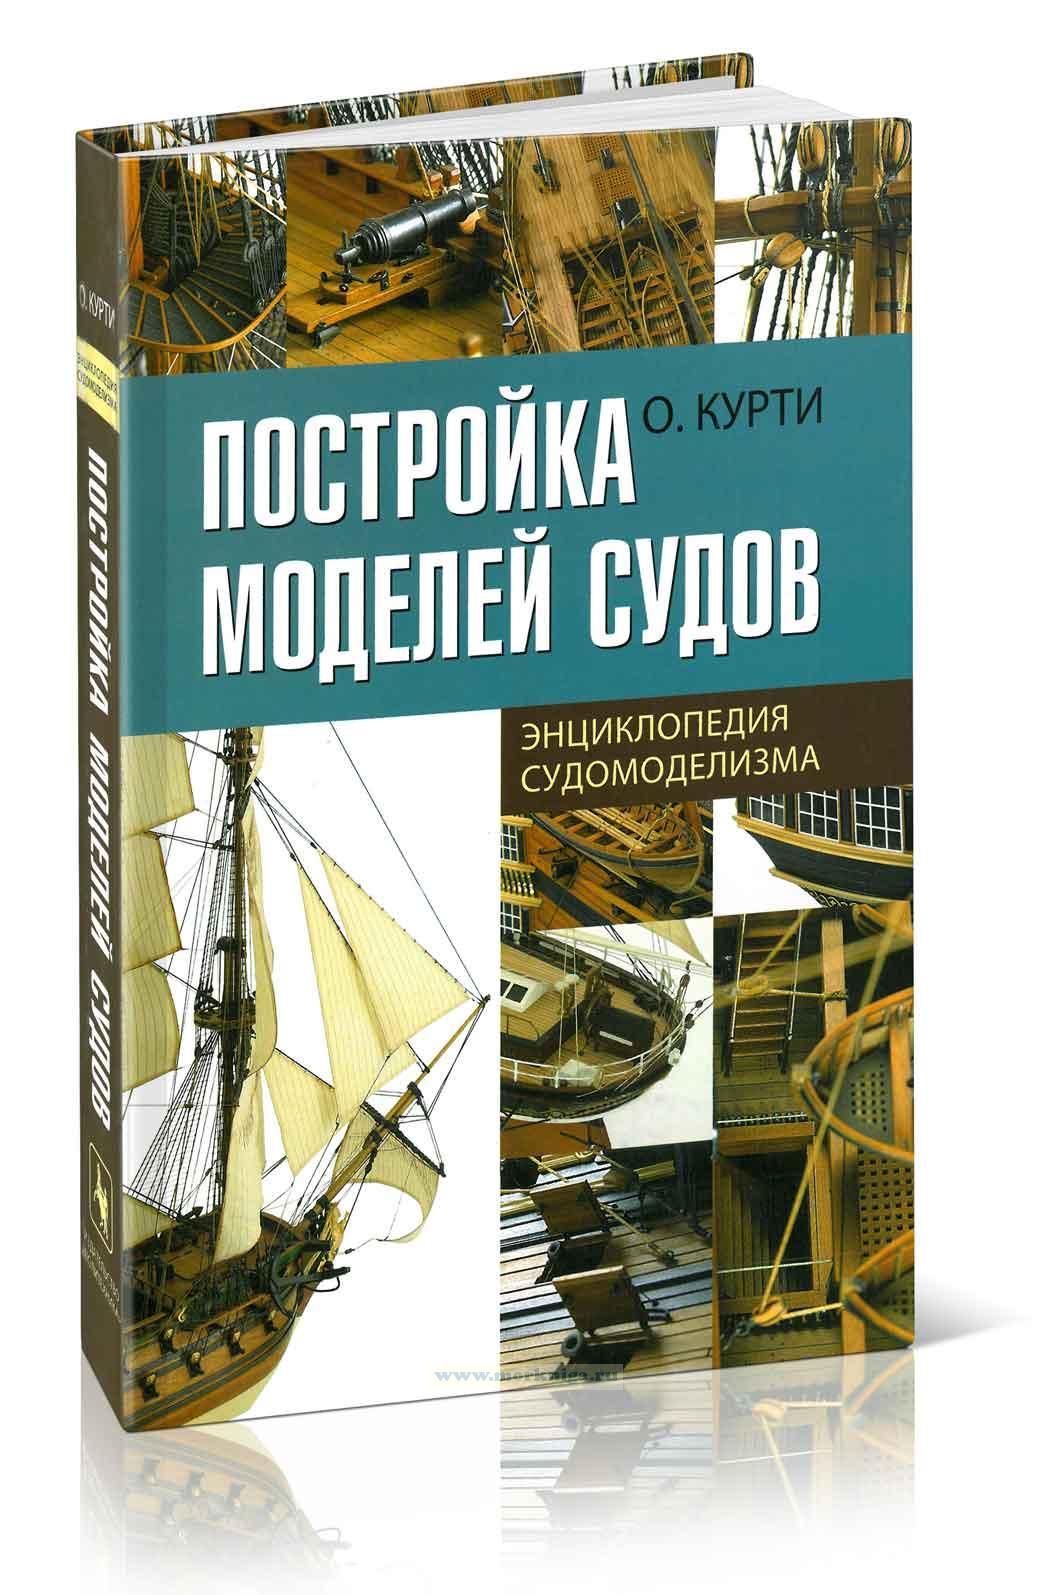 Постройка моделей судов. Энциклопедия судомоделизма. 2-е издание